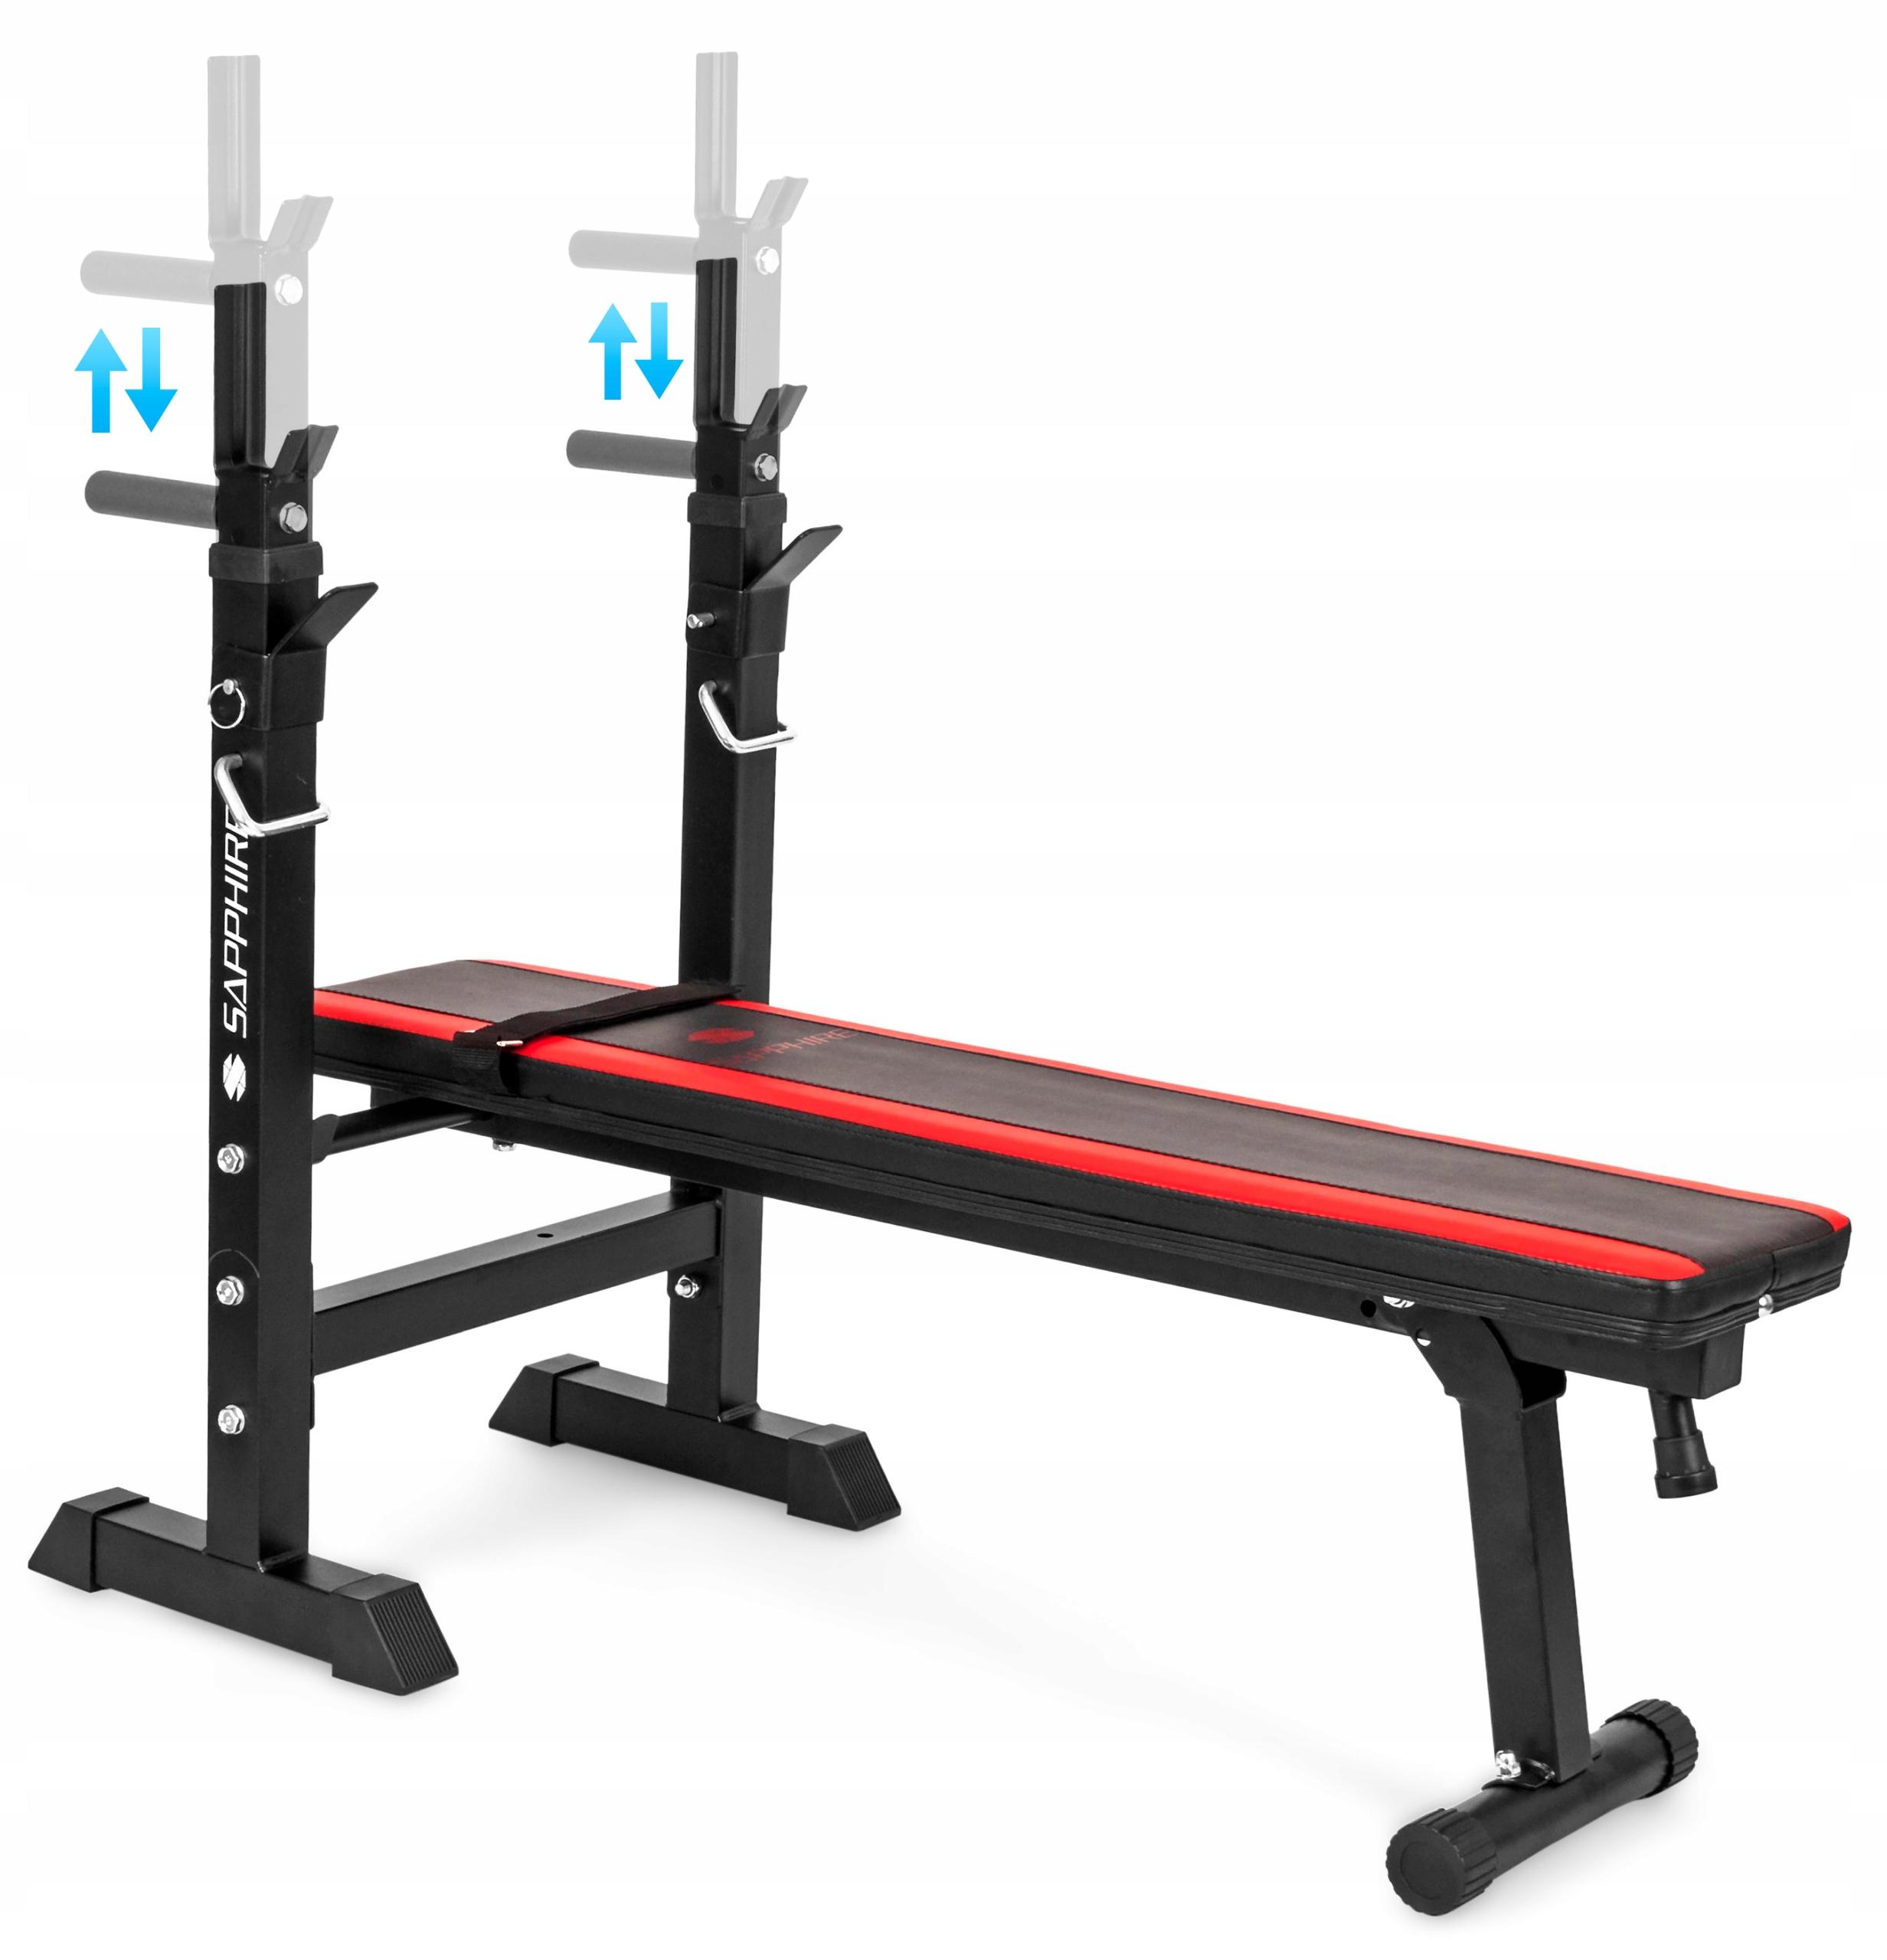 XYLO siłownia 46 kg zestaw ŁAWKA+GRYF+OBCIĄŻENIA Elementy zestawu gryf prosty ławka regulowana talerze/obciążenia